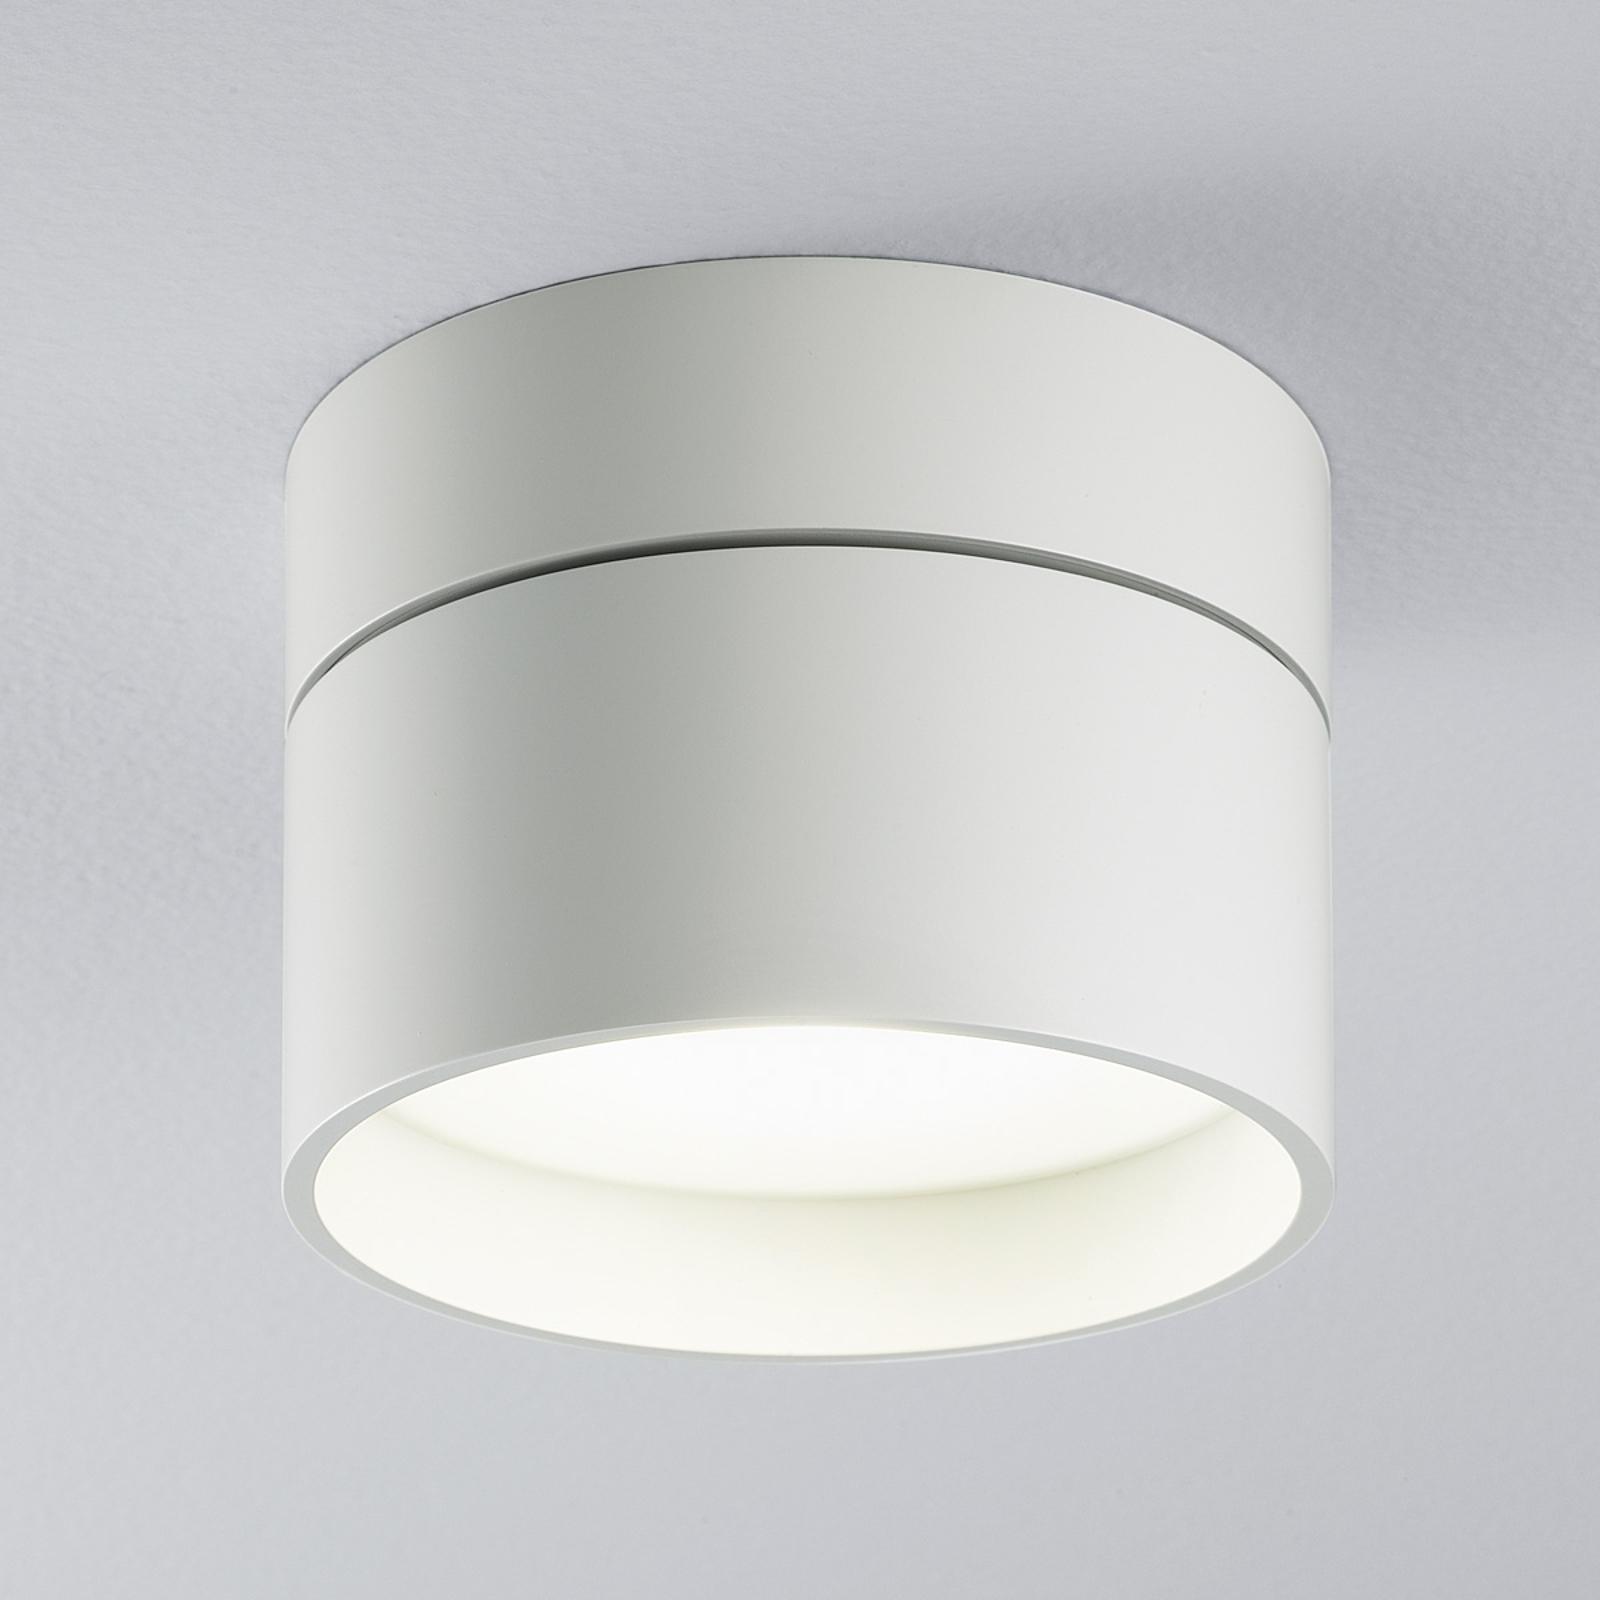 LED stropní svítidlo Piper, 11 cm